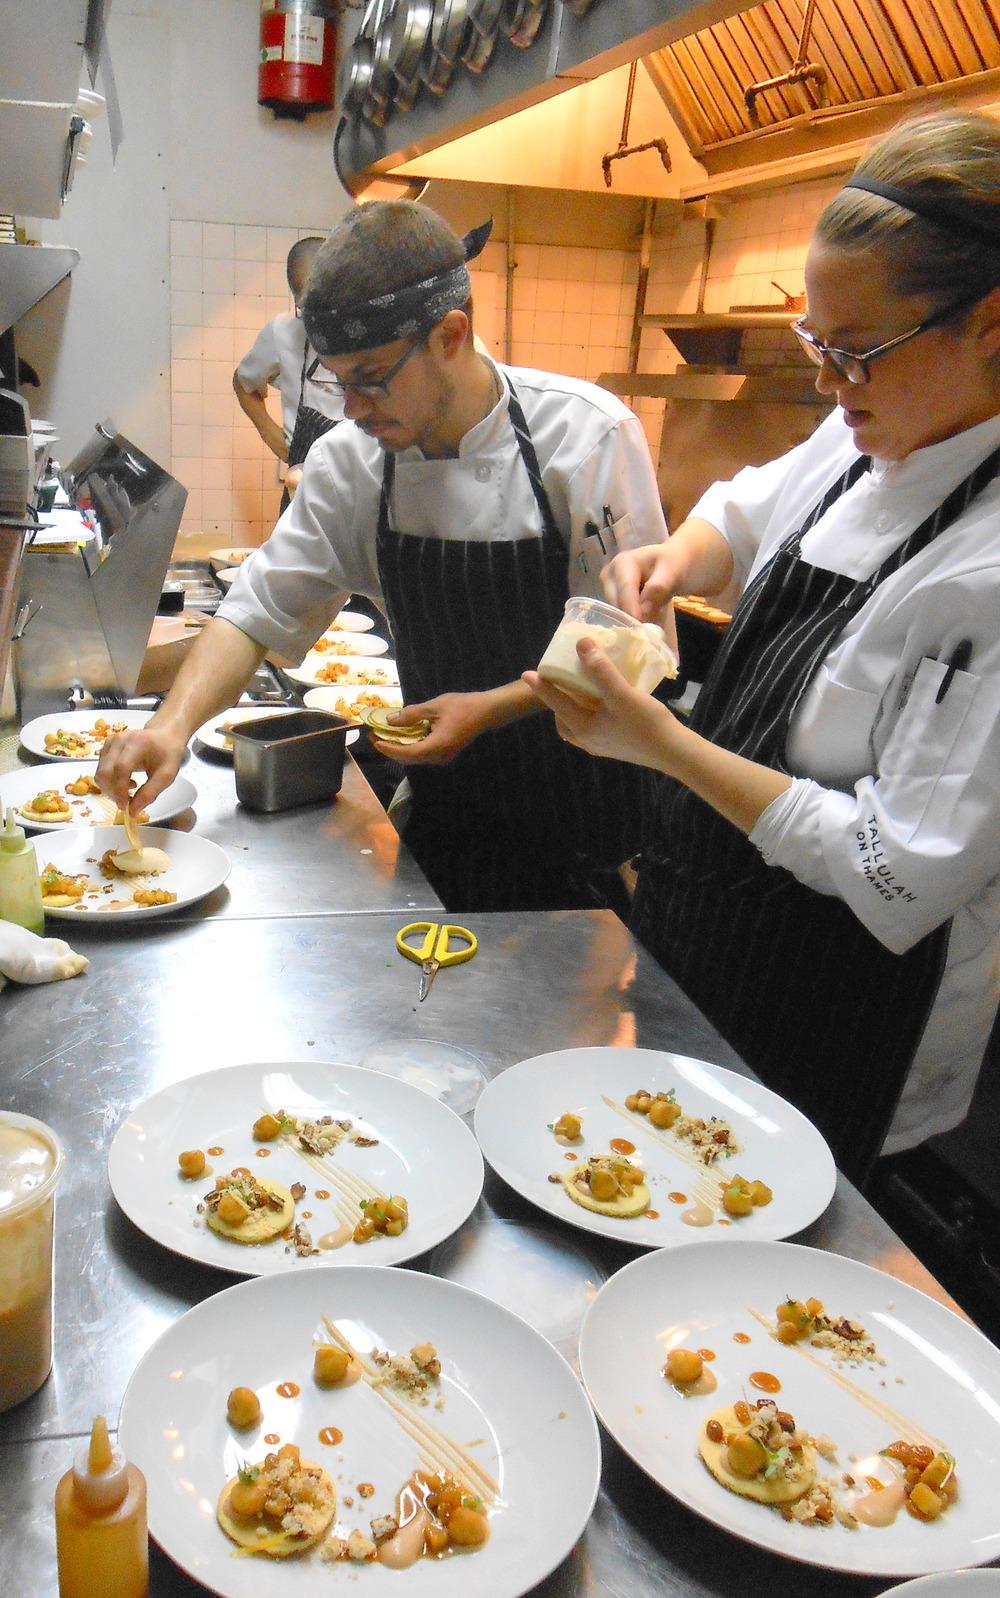 Chefs preparing dessert